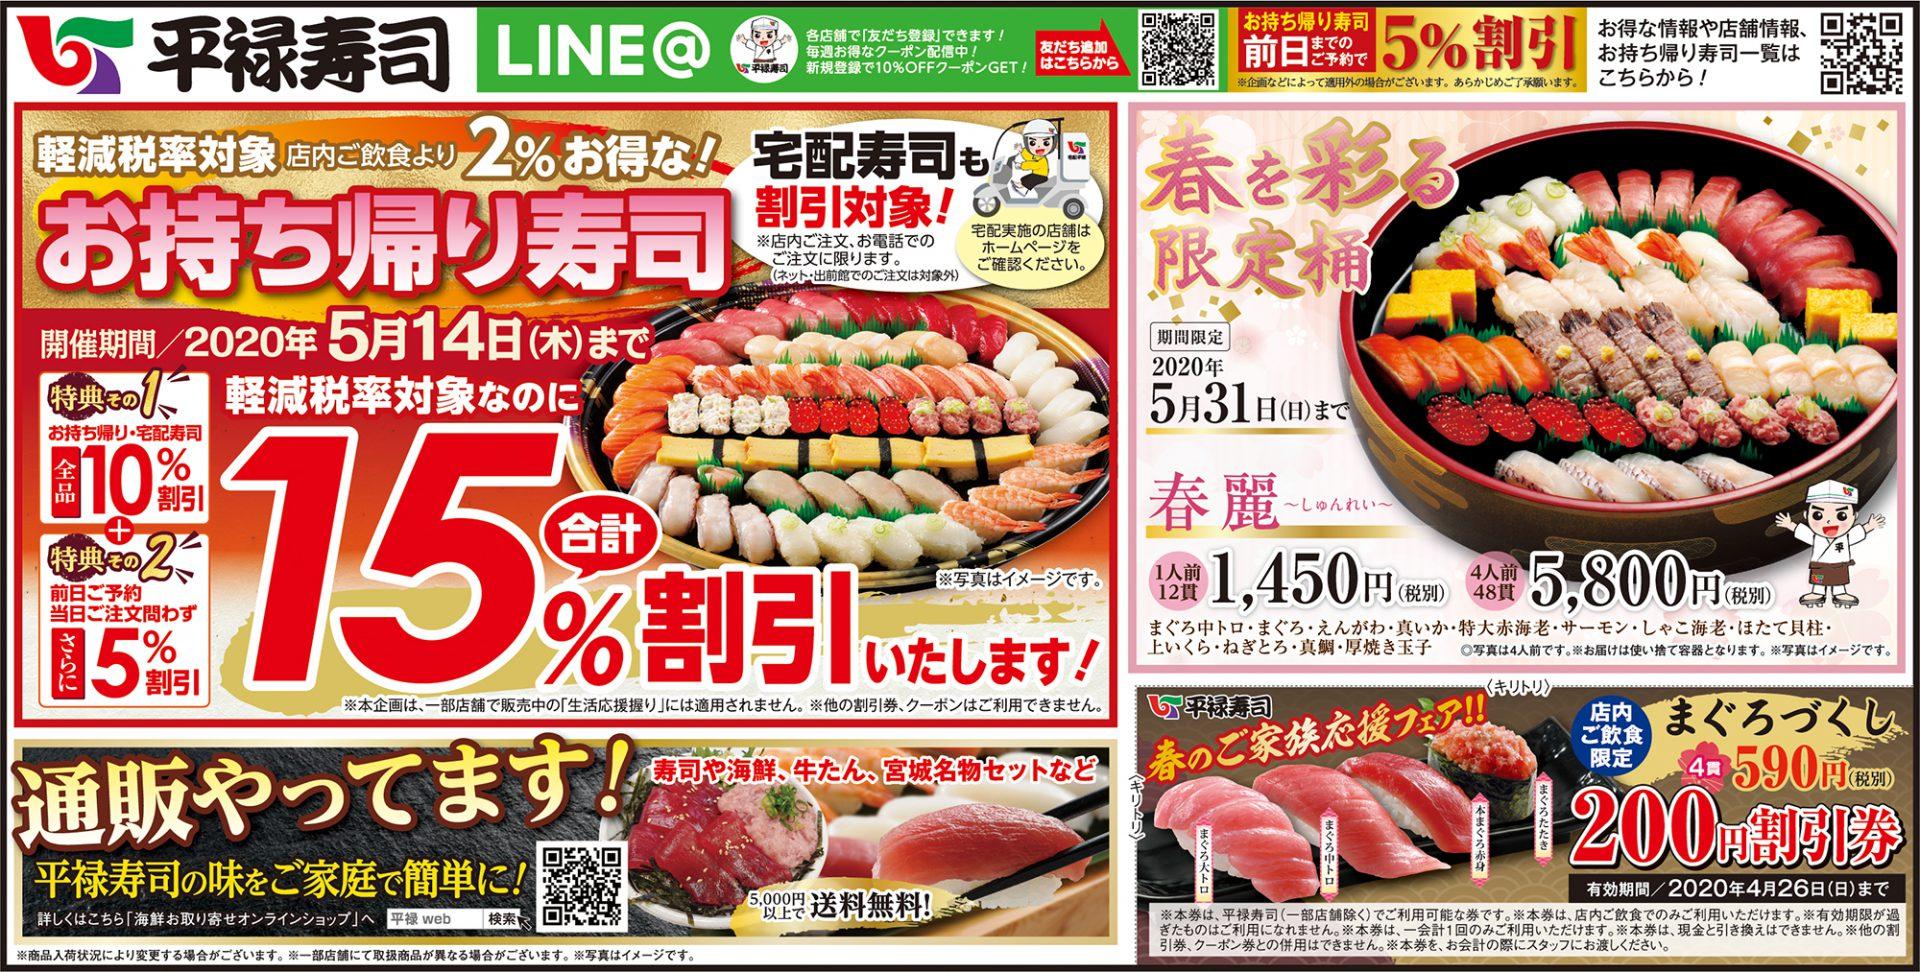 宅配寿司も割引対象!『平禄寿司』のお得な15%割引「お持ち帰り寿司」2020年5月14日(木)まで開催中!